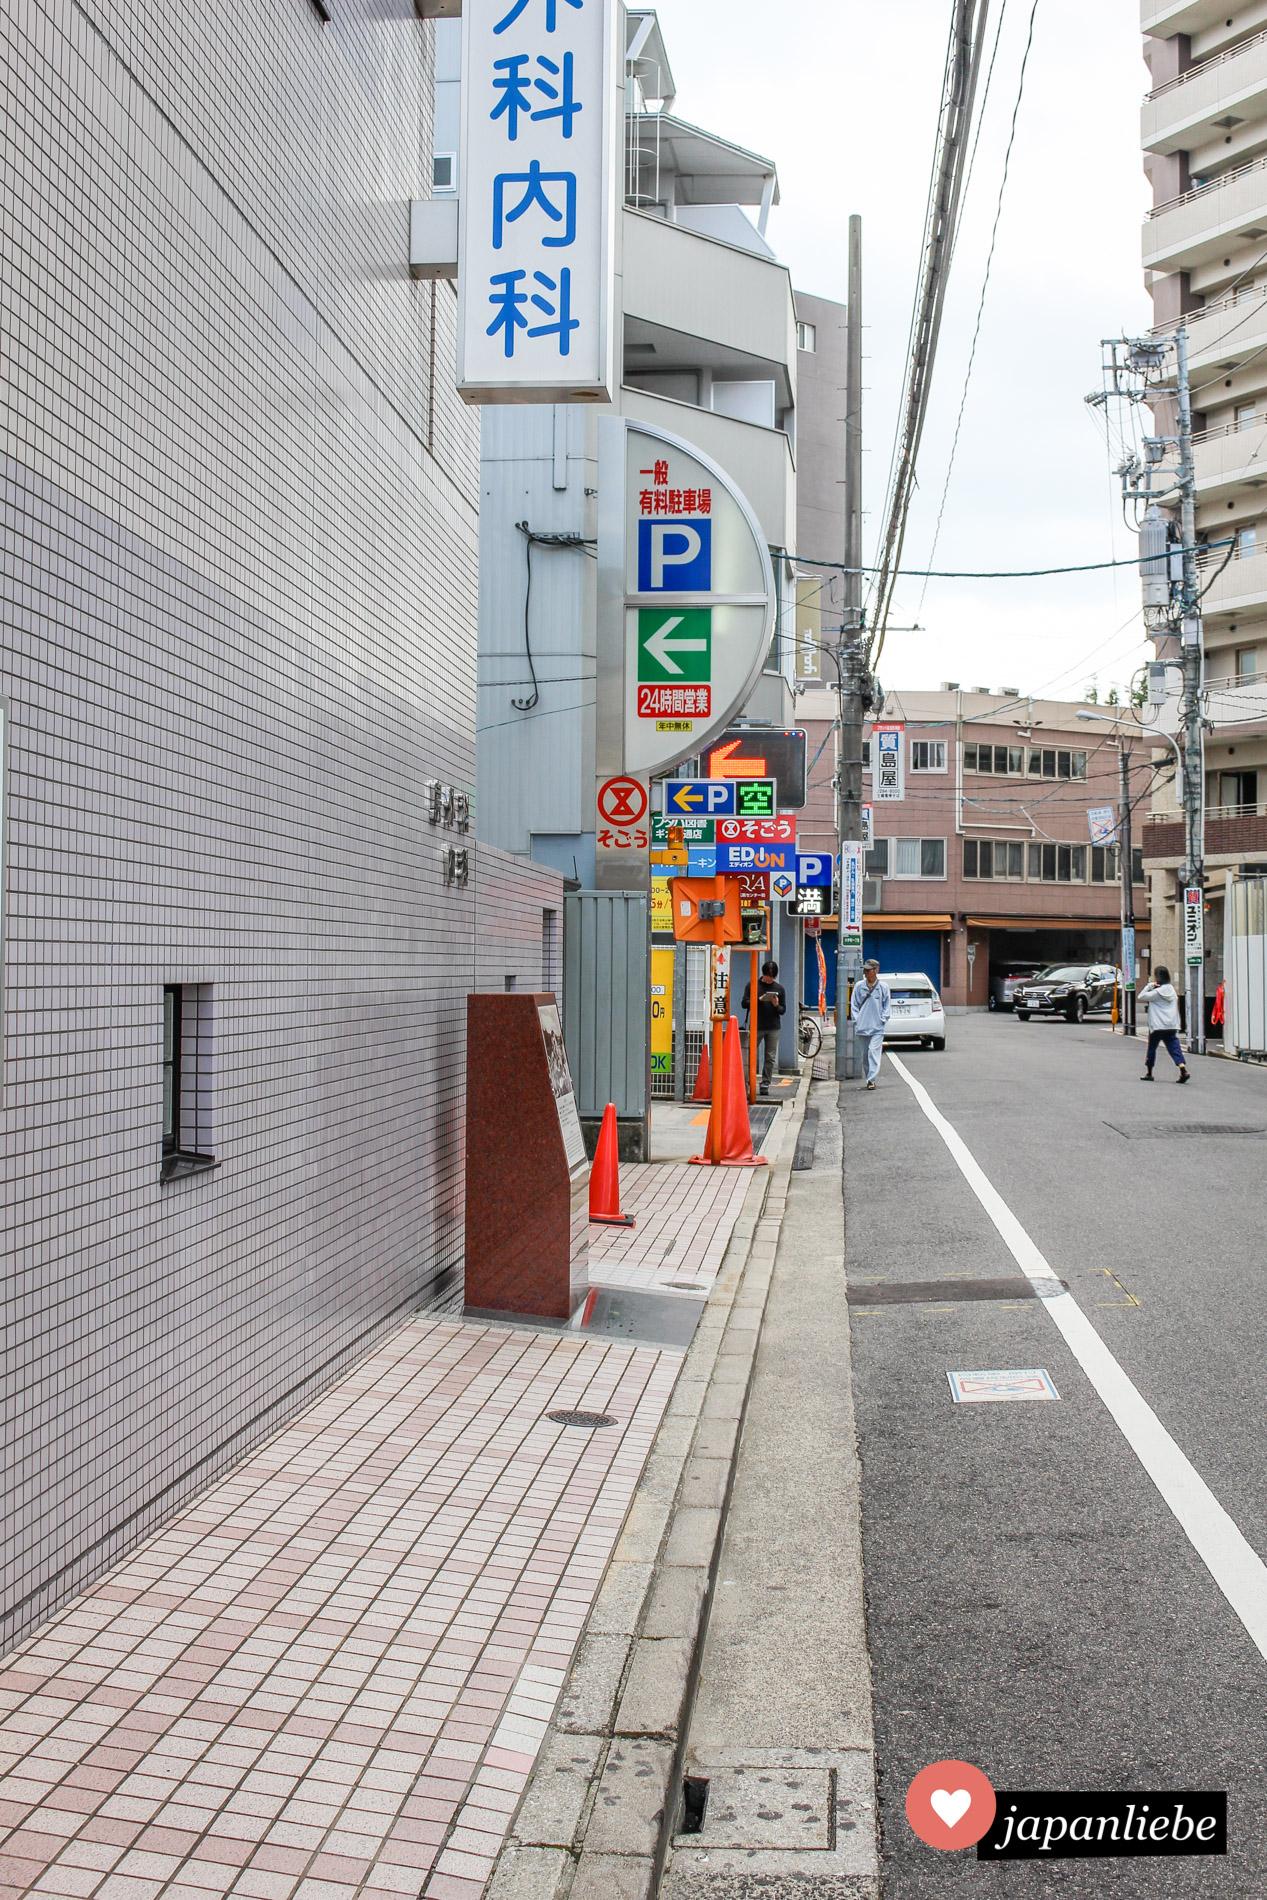 """Heute eine ganz normale Straße in Hiroshima. Vor über 75 Jahren detonierte 580 Meter über der braunen Gedenktafel die Atombombe """"Little Boy""""."""